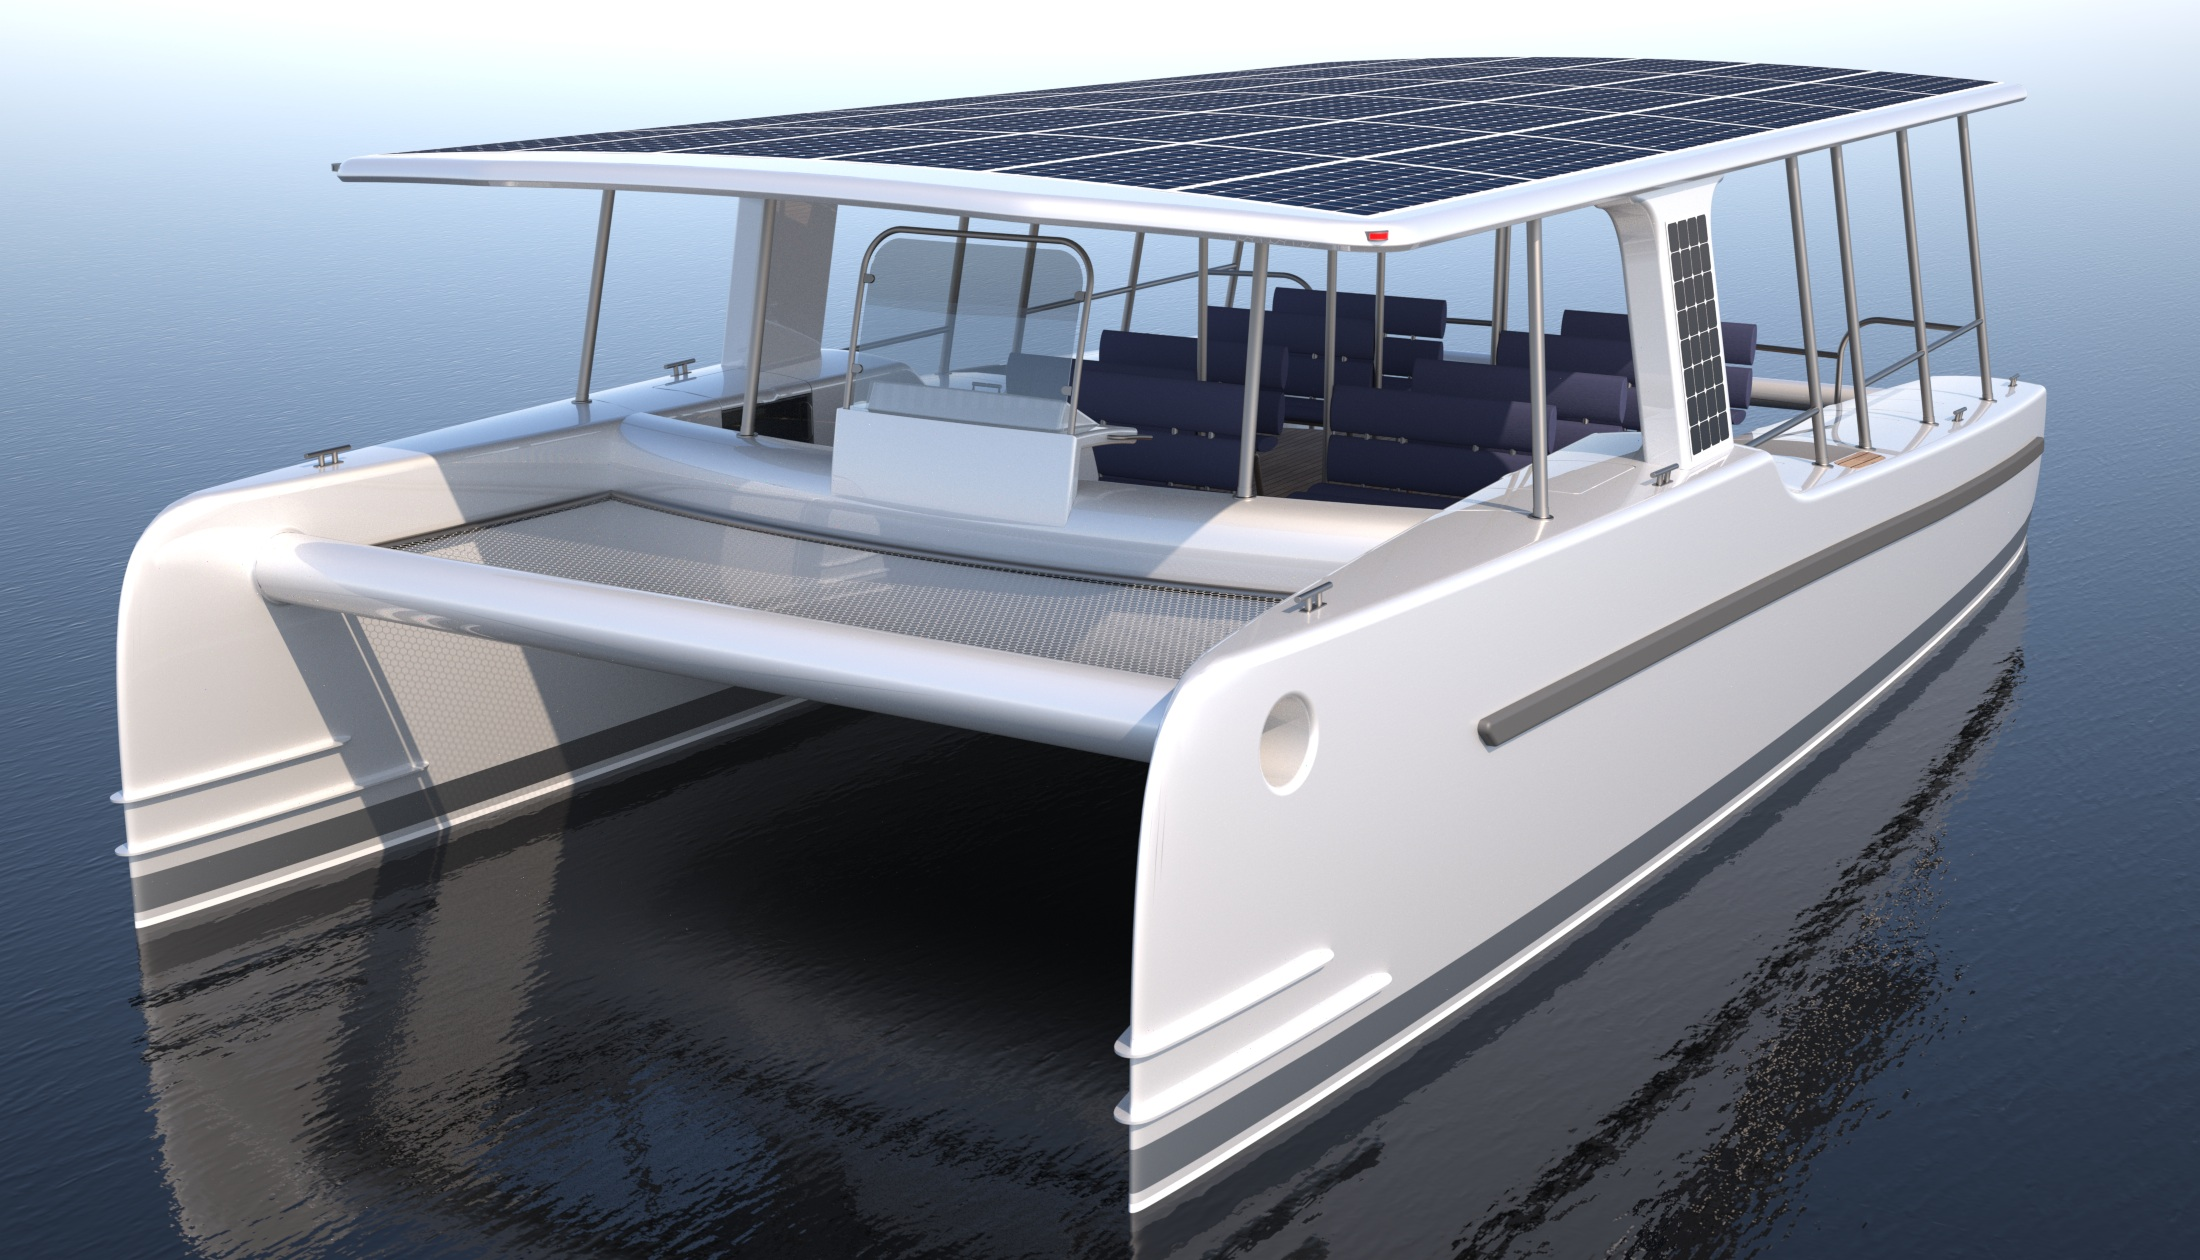 Schmale Rümpfe und Leichtbauweise, sollen dem Boot gute Fahrleistungen verleihen